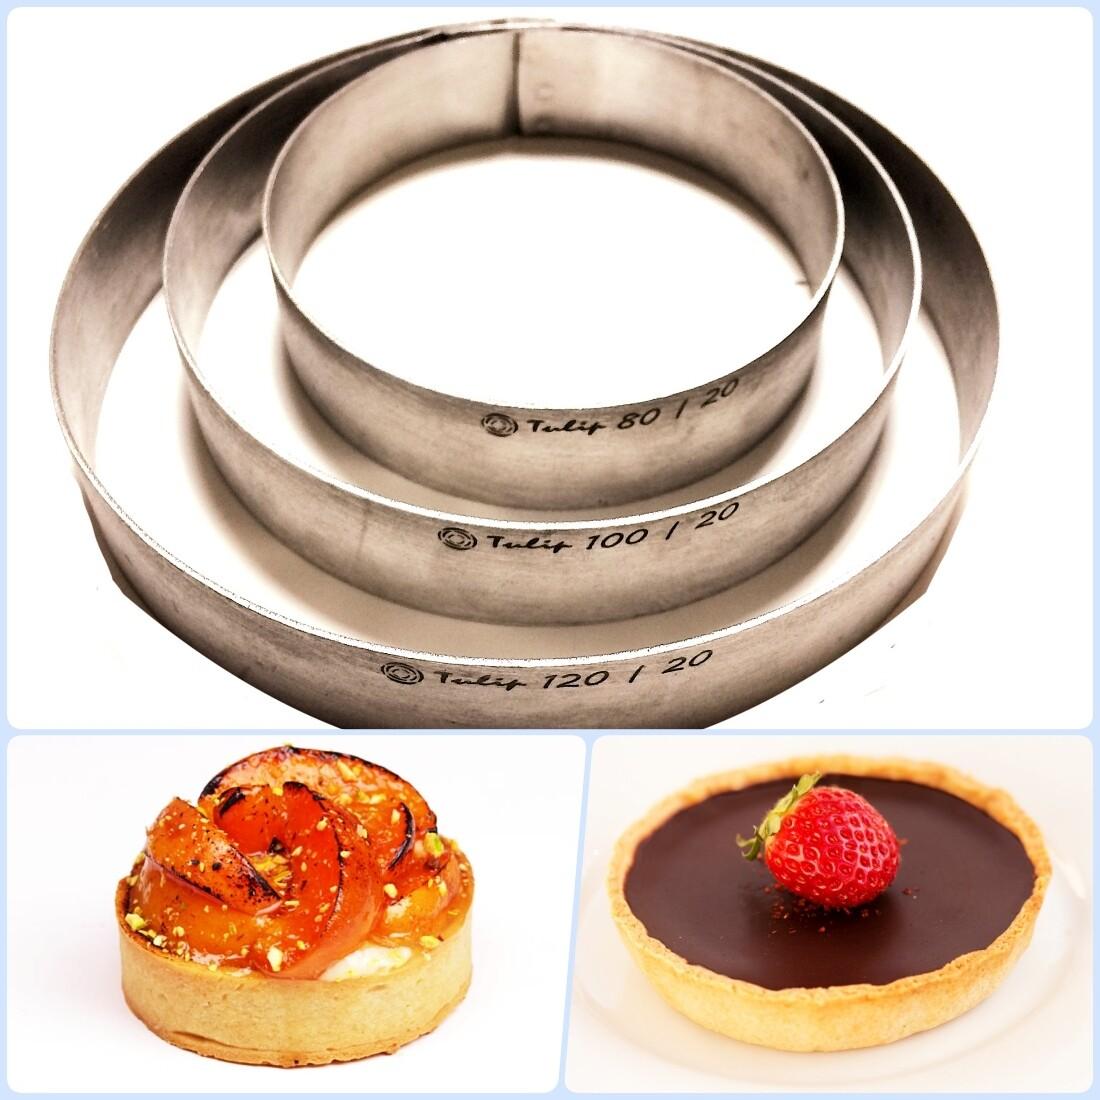 Формы для выпечки нерж.сталь | Кольца (высота 3 см, Ø 8-30 см)